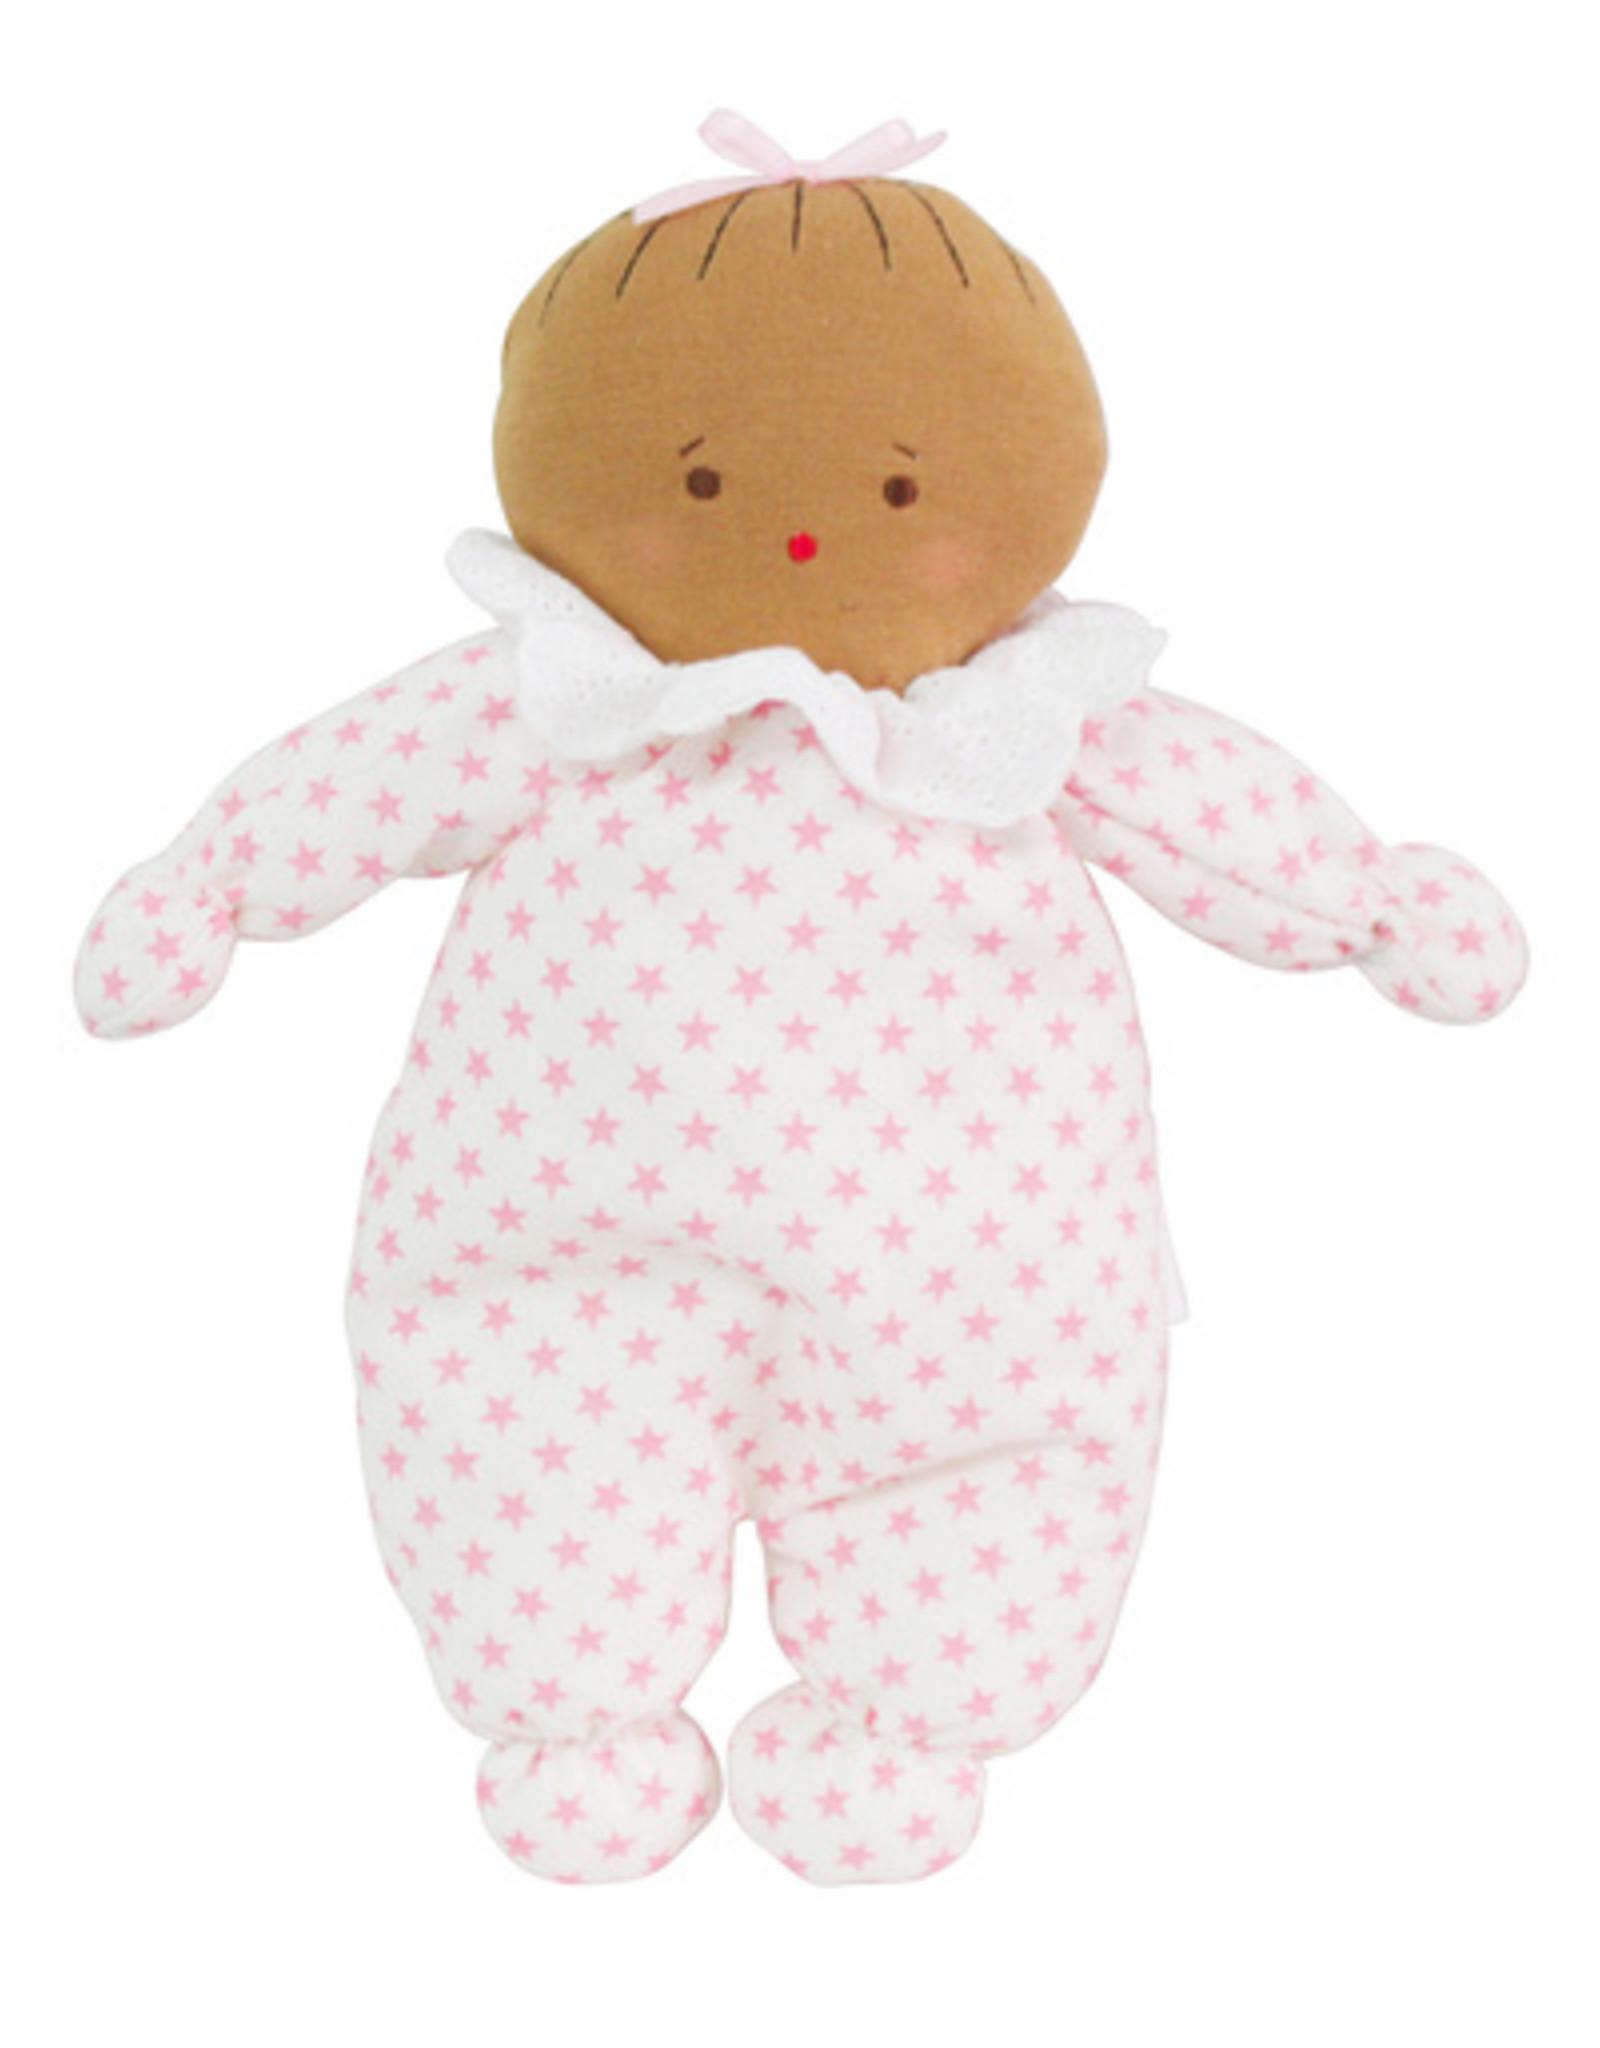 alimrose Asleep Awake Doll in Pink Stars